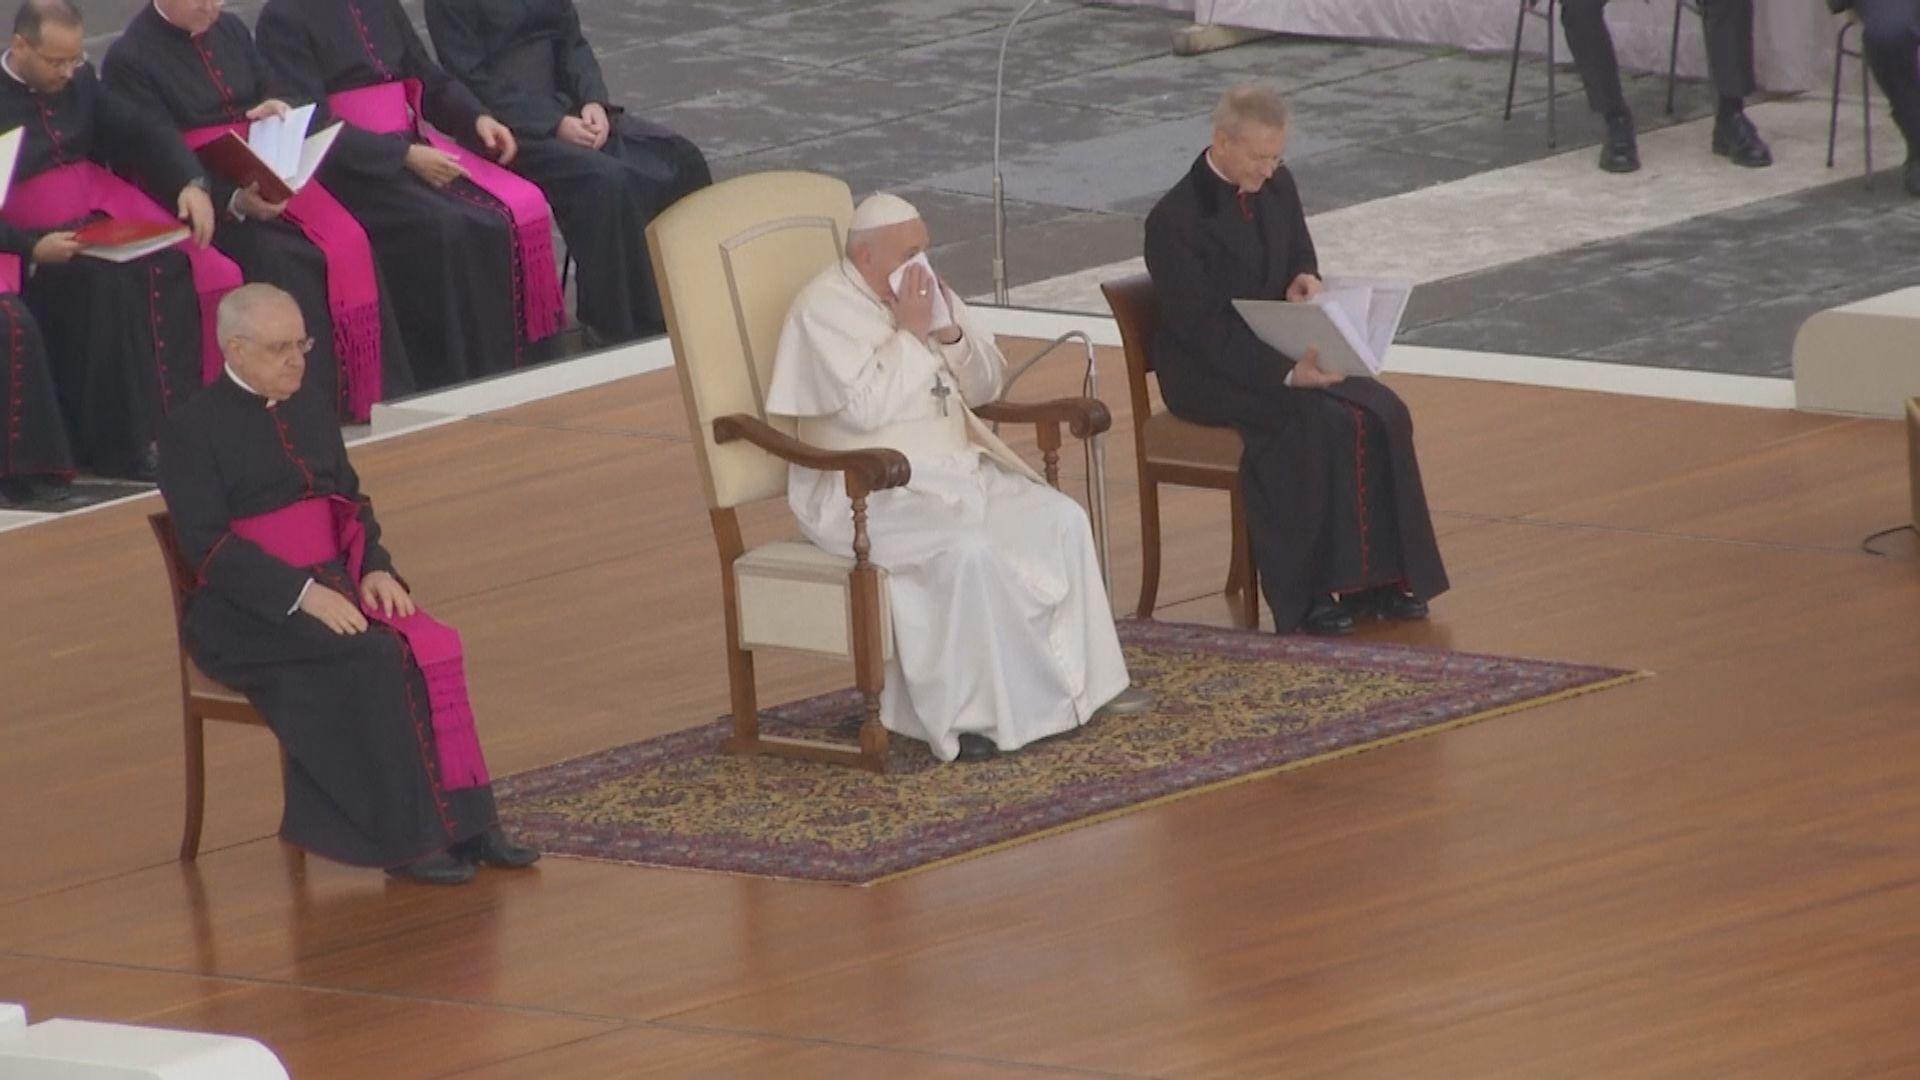 教宗方濟各宣布因身體不適取消出席靈修活動